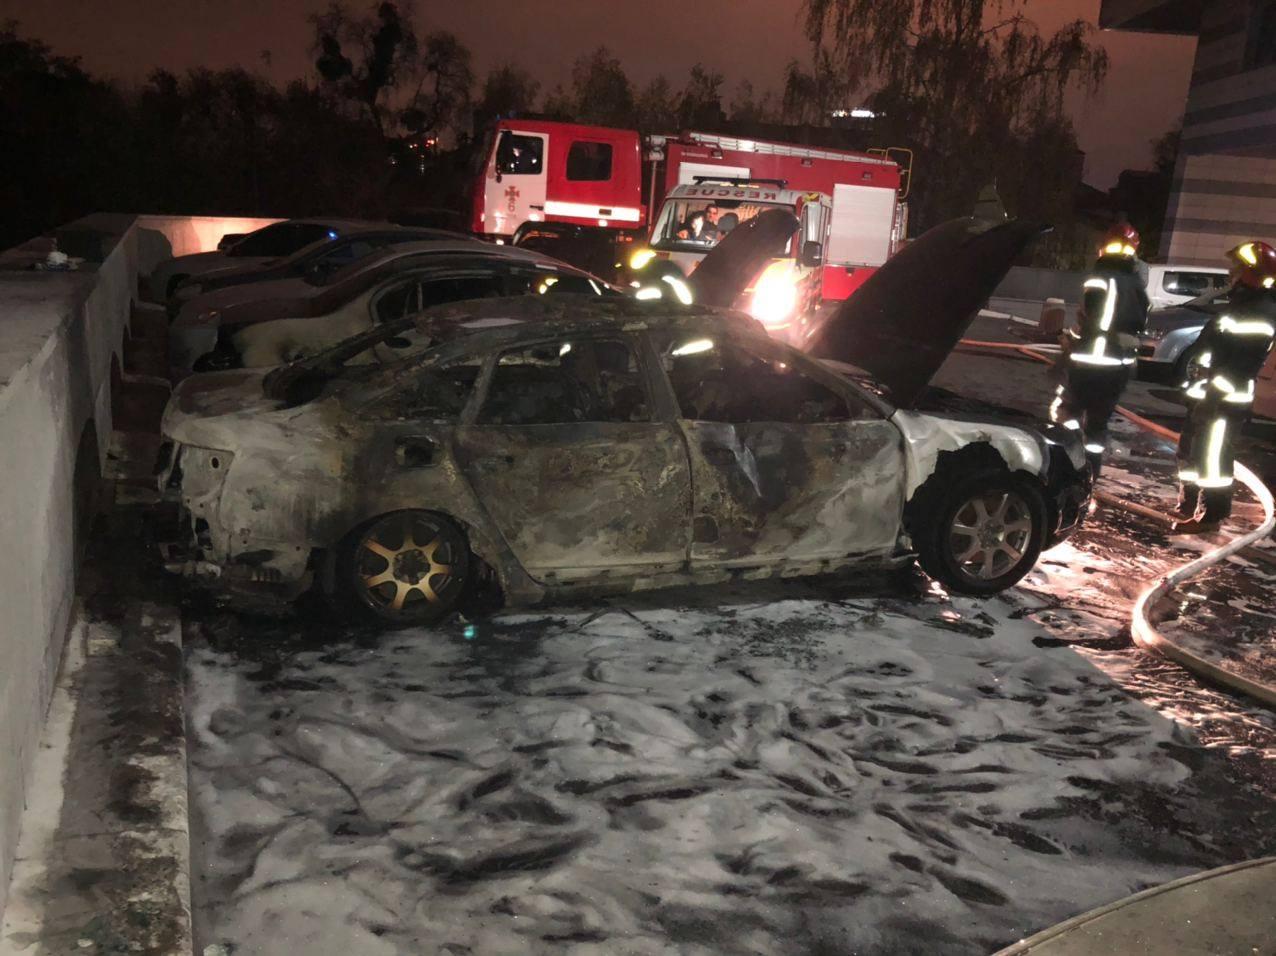 Пожежі в автомобілях: три випадки за минулу добу - Пожежа авто, автомобіль - 124343399 3477525562327361 4869536072610302861 o